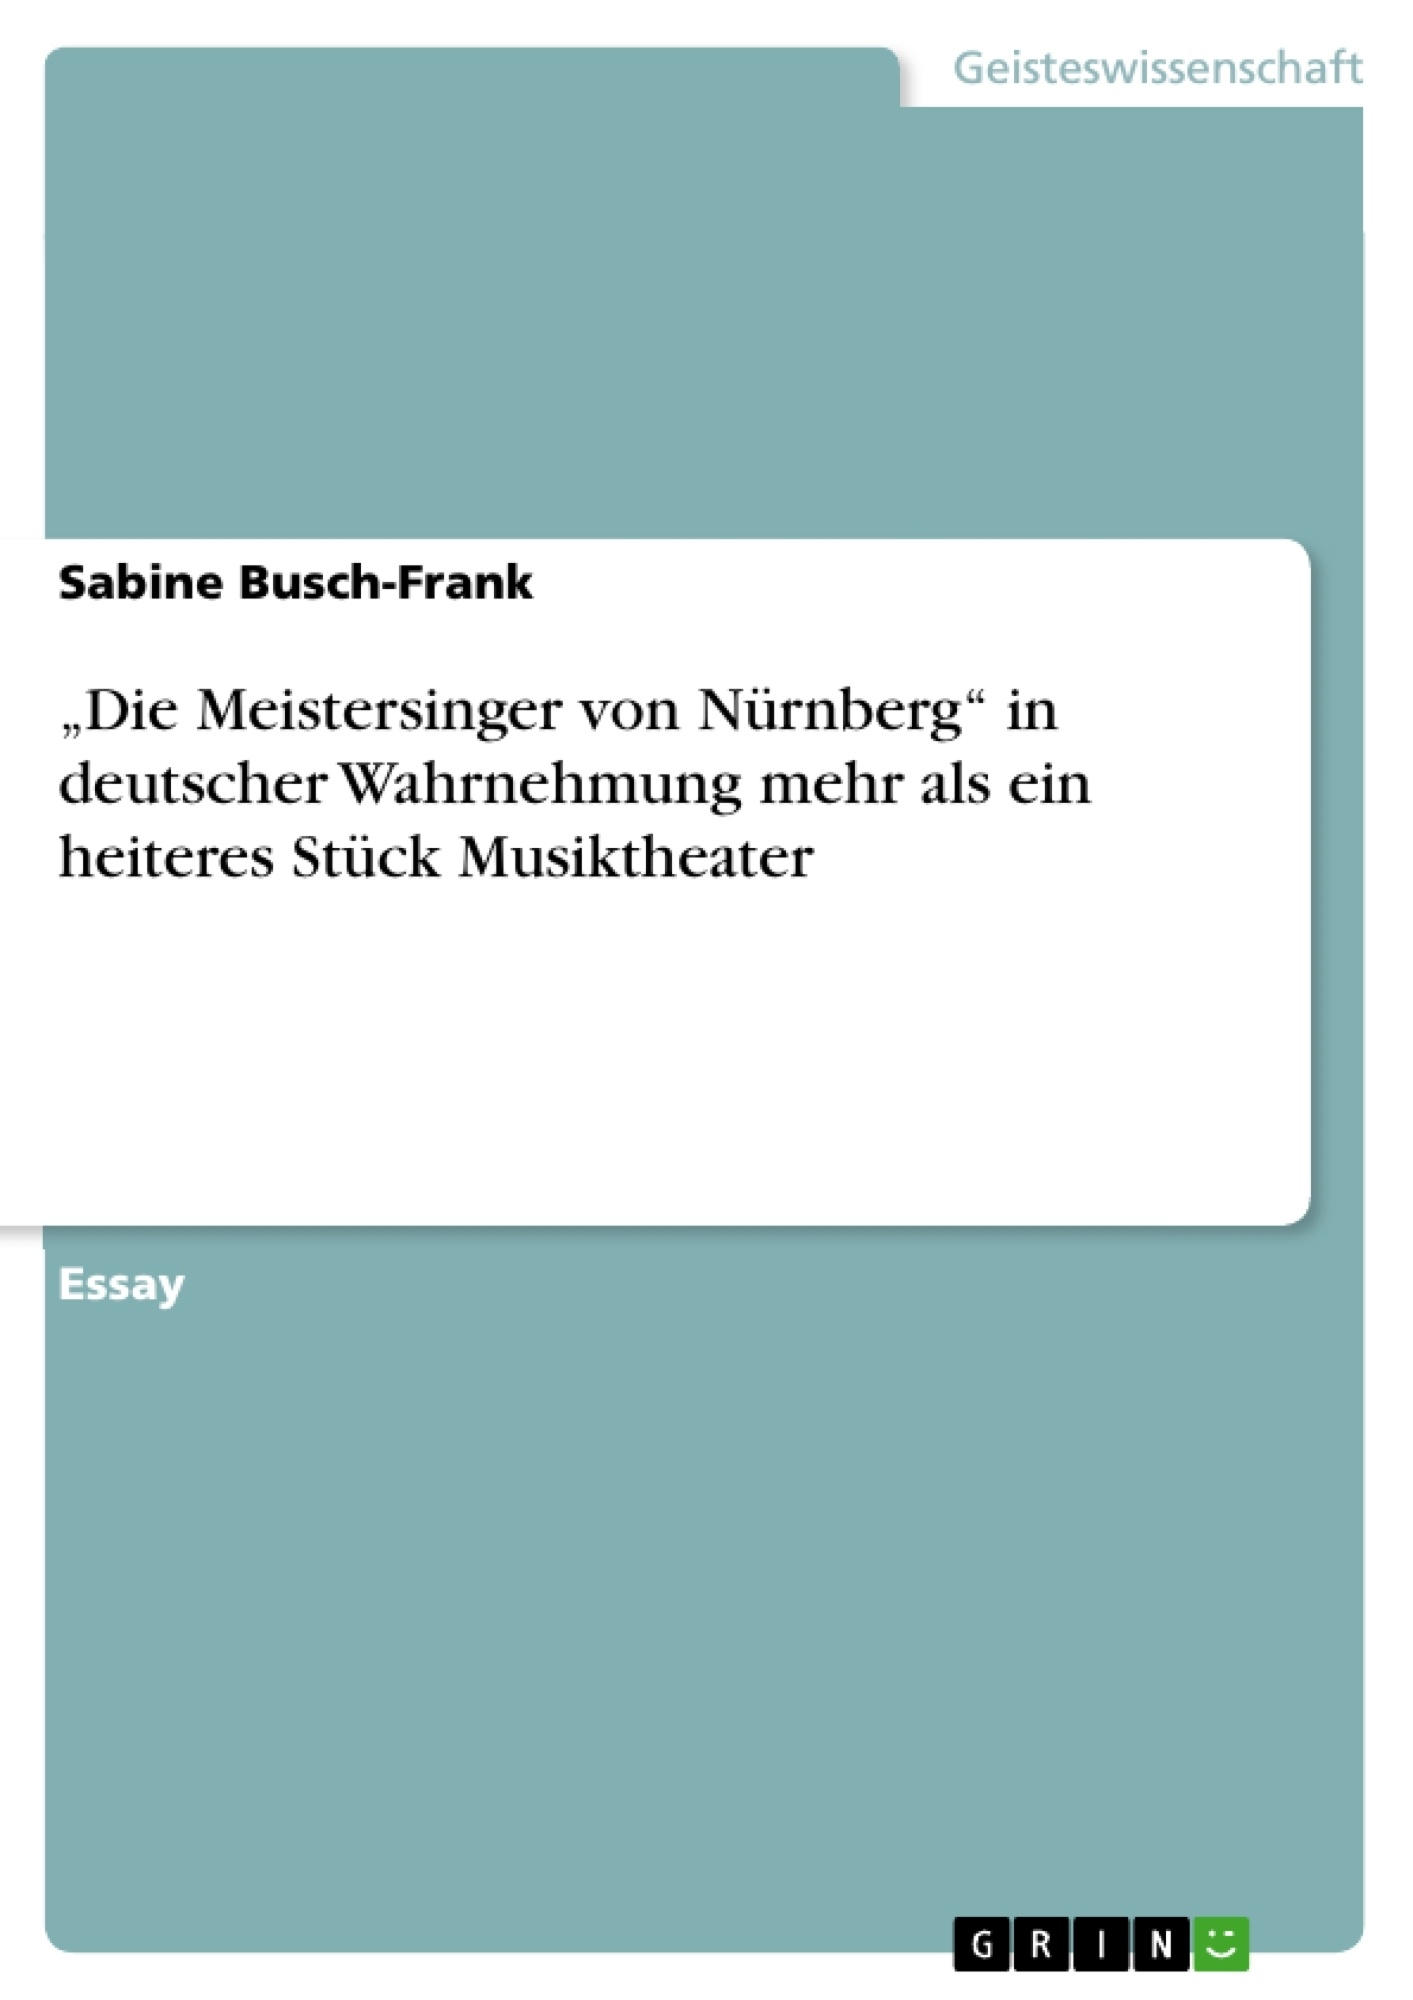 """Titel: """"Die Meistersinger von Nürnberg"""" in deutscher Wahrnehmung mehr als ein heiteres Stück Musiktheater"""